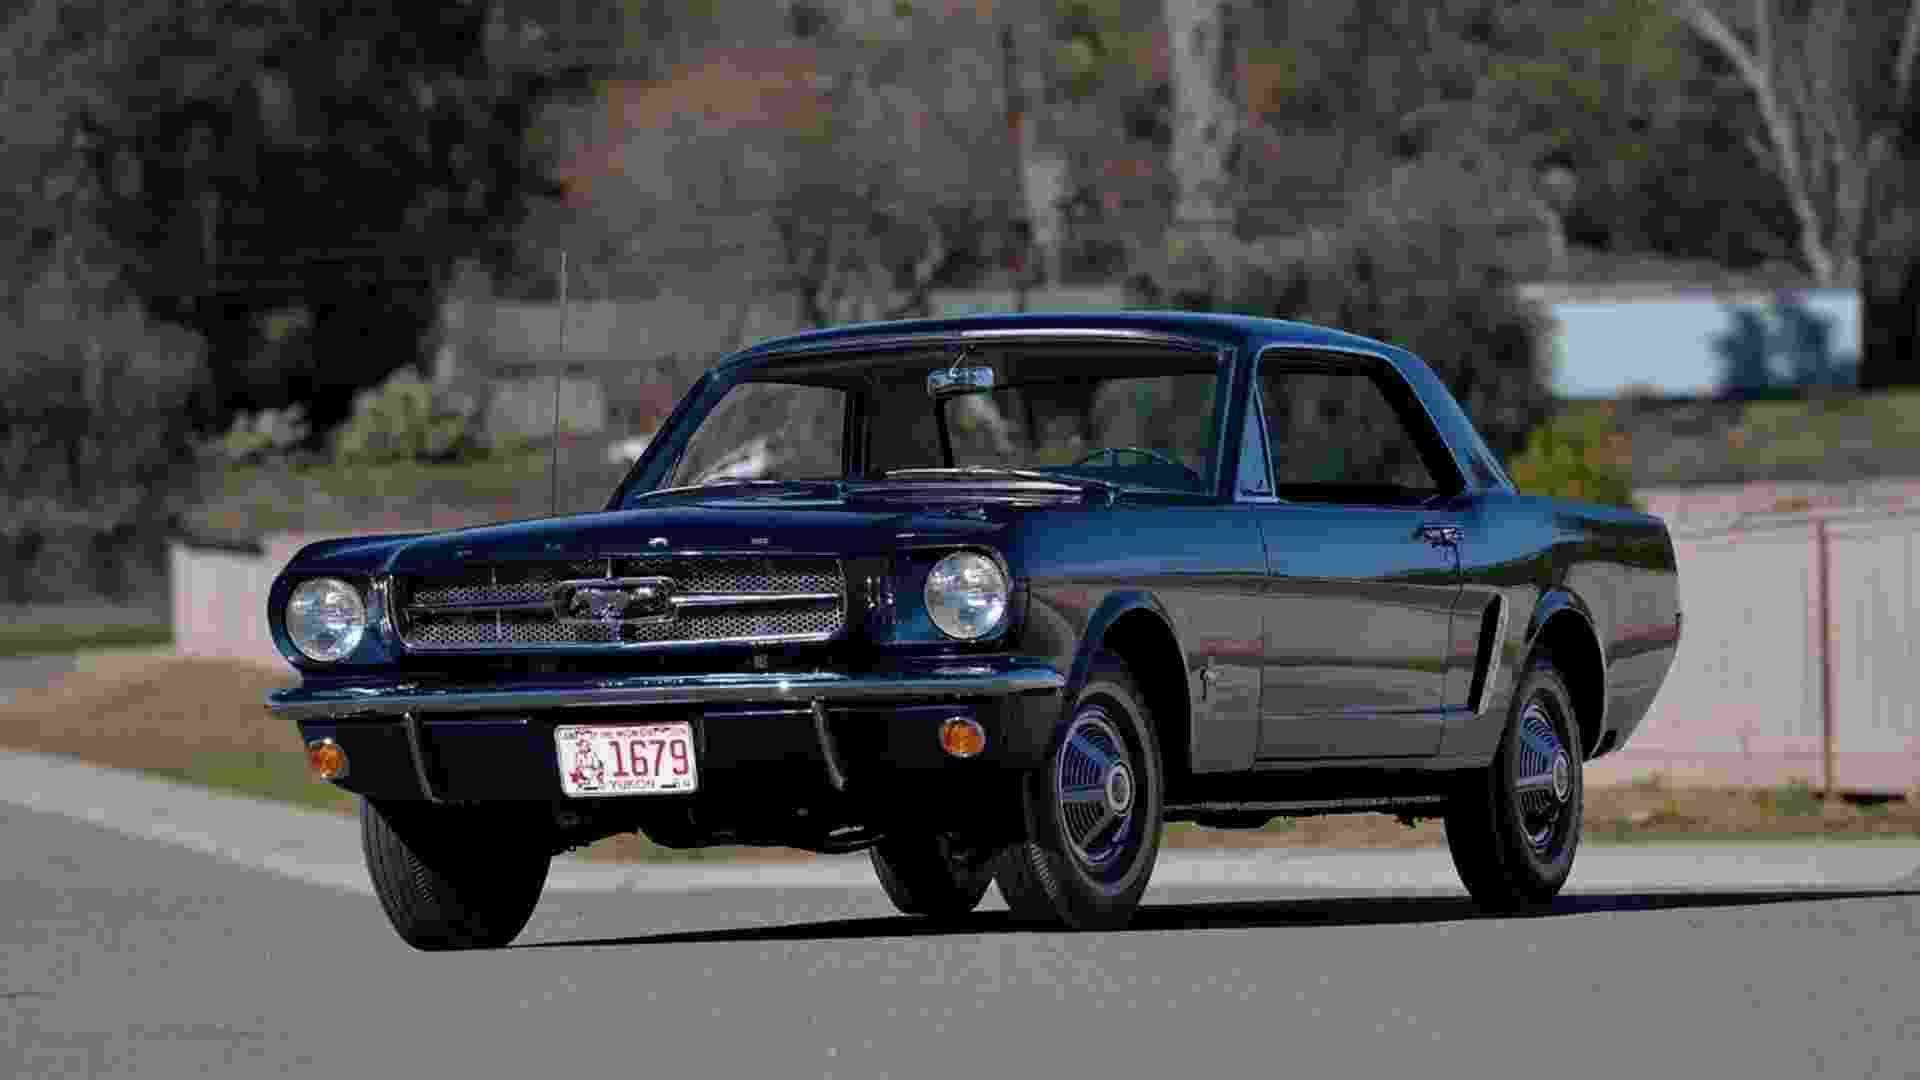 Ford Mustang Coupé 1965 pré-série nº 00002 - Divulgação/Mecum